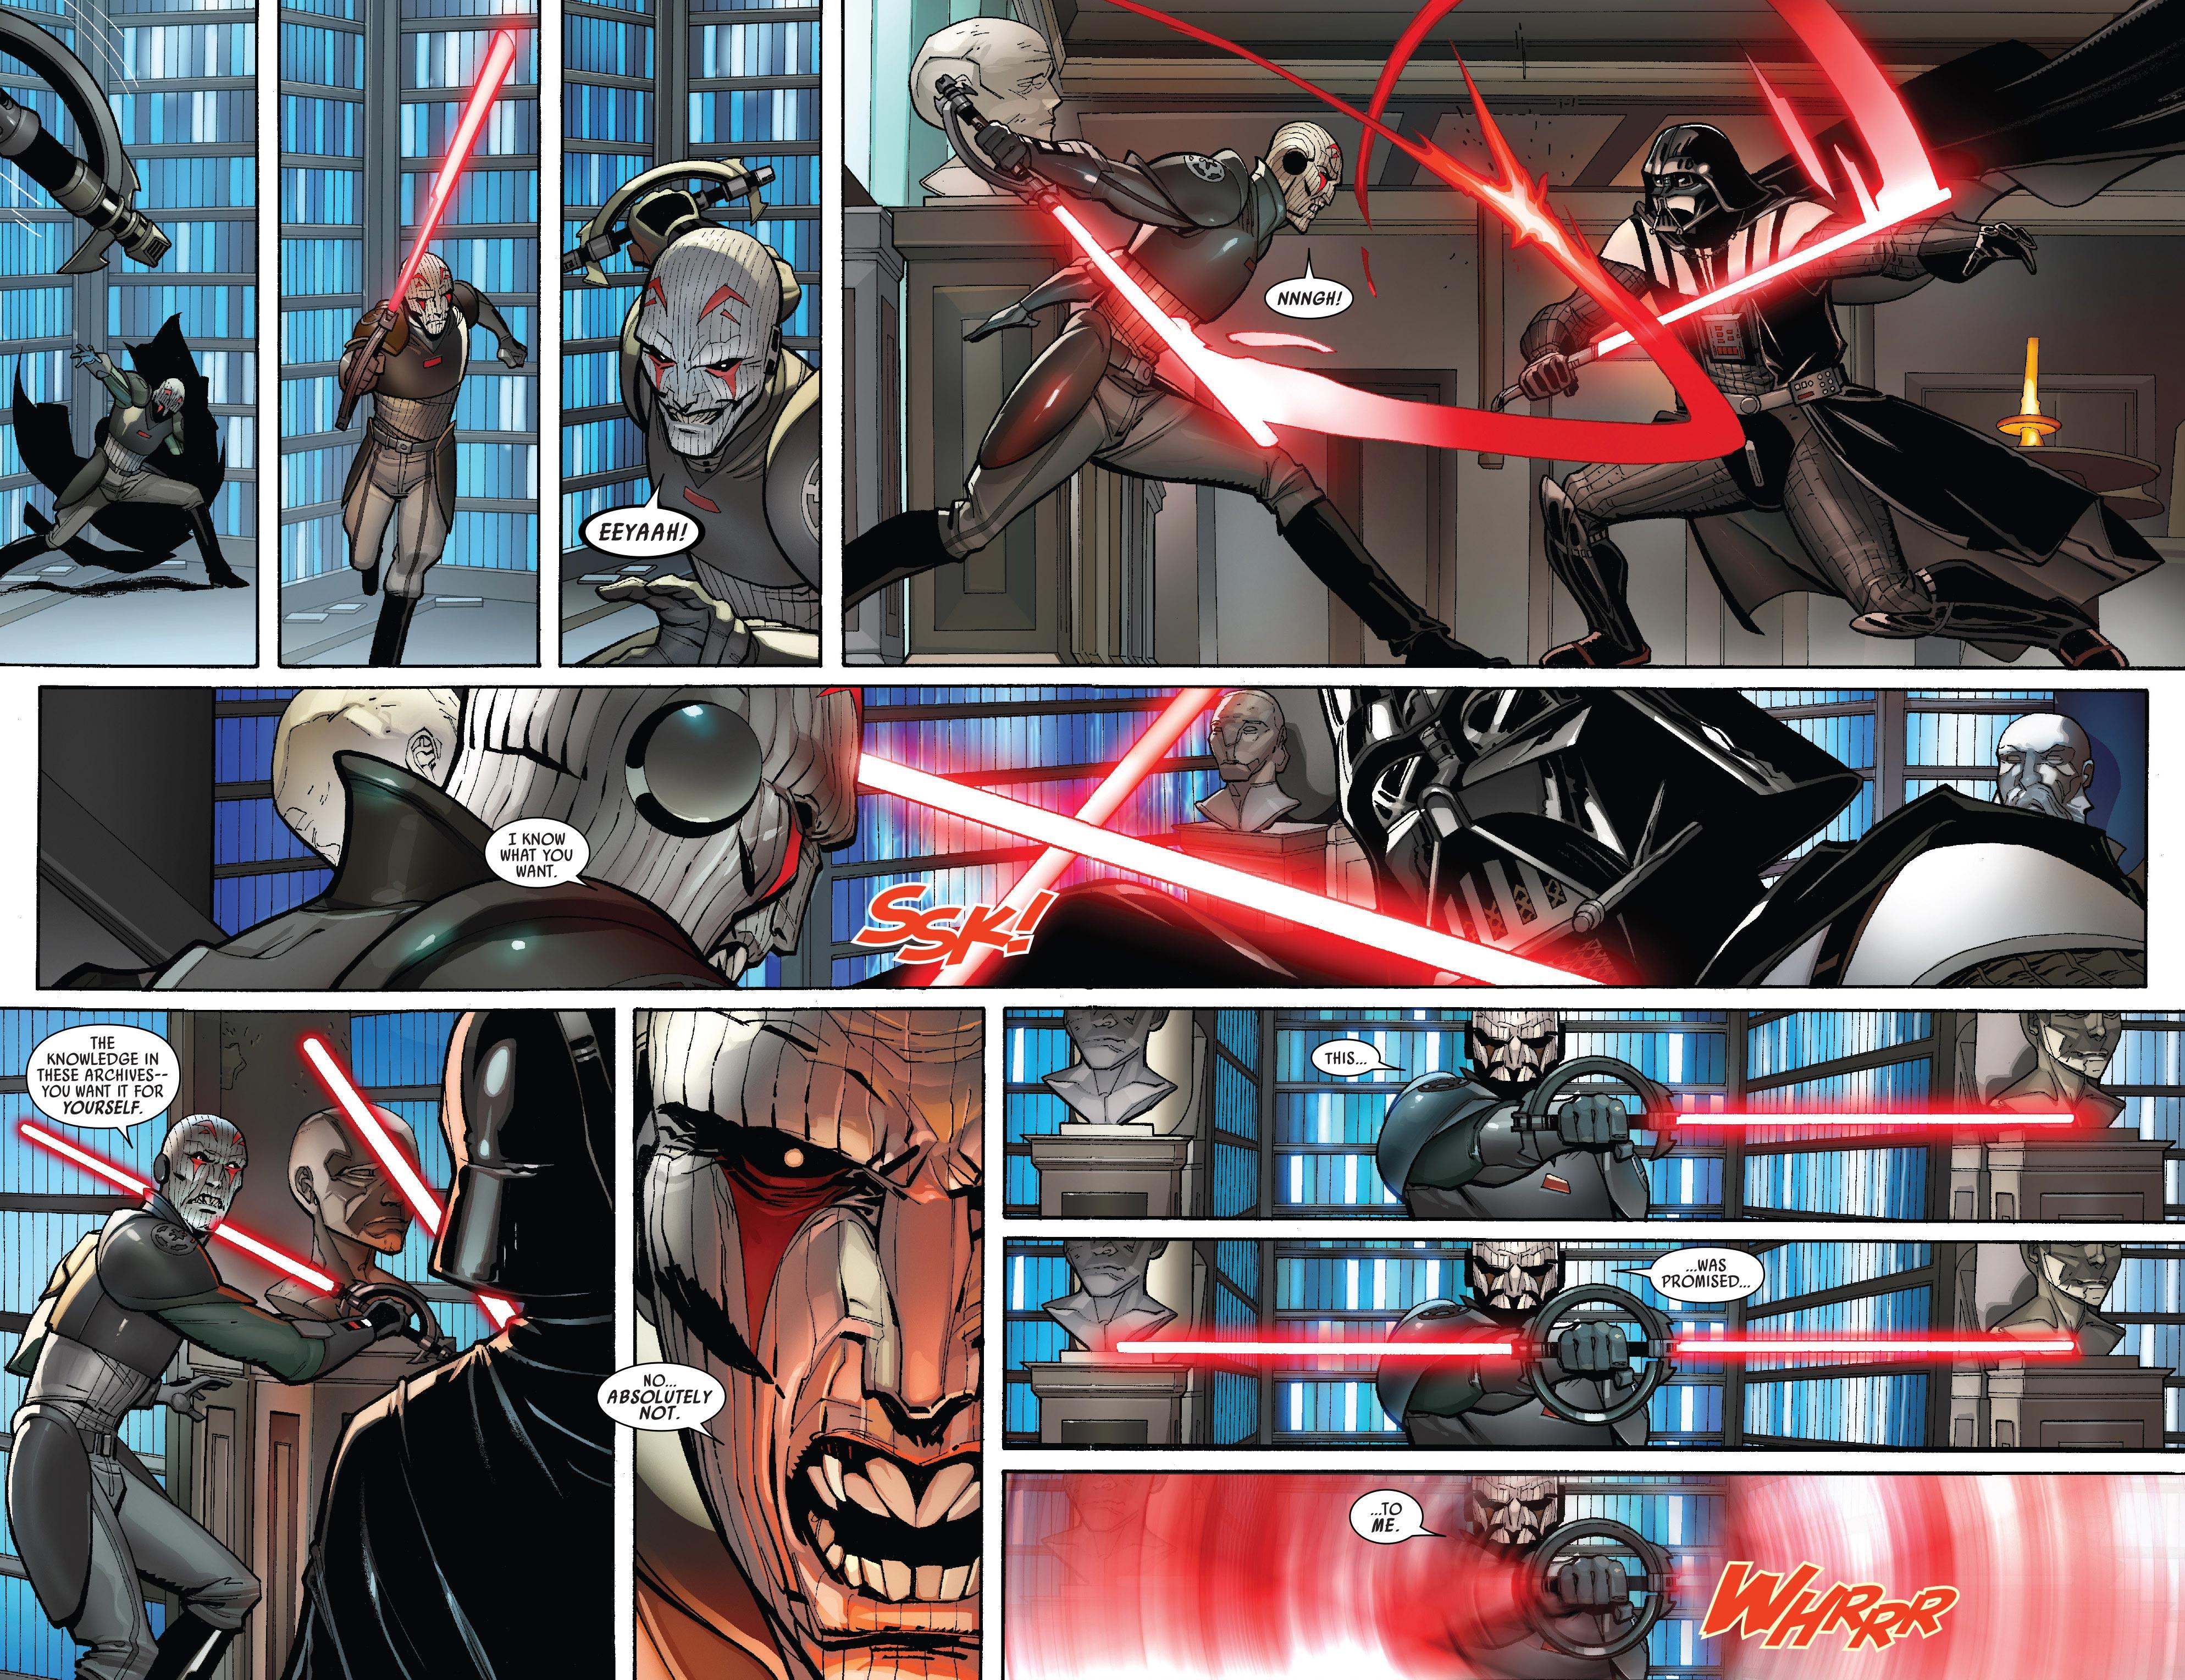 Darth Vader Canon Vs Ares Dceu: Darth Vader VS The Grand Inquisitor